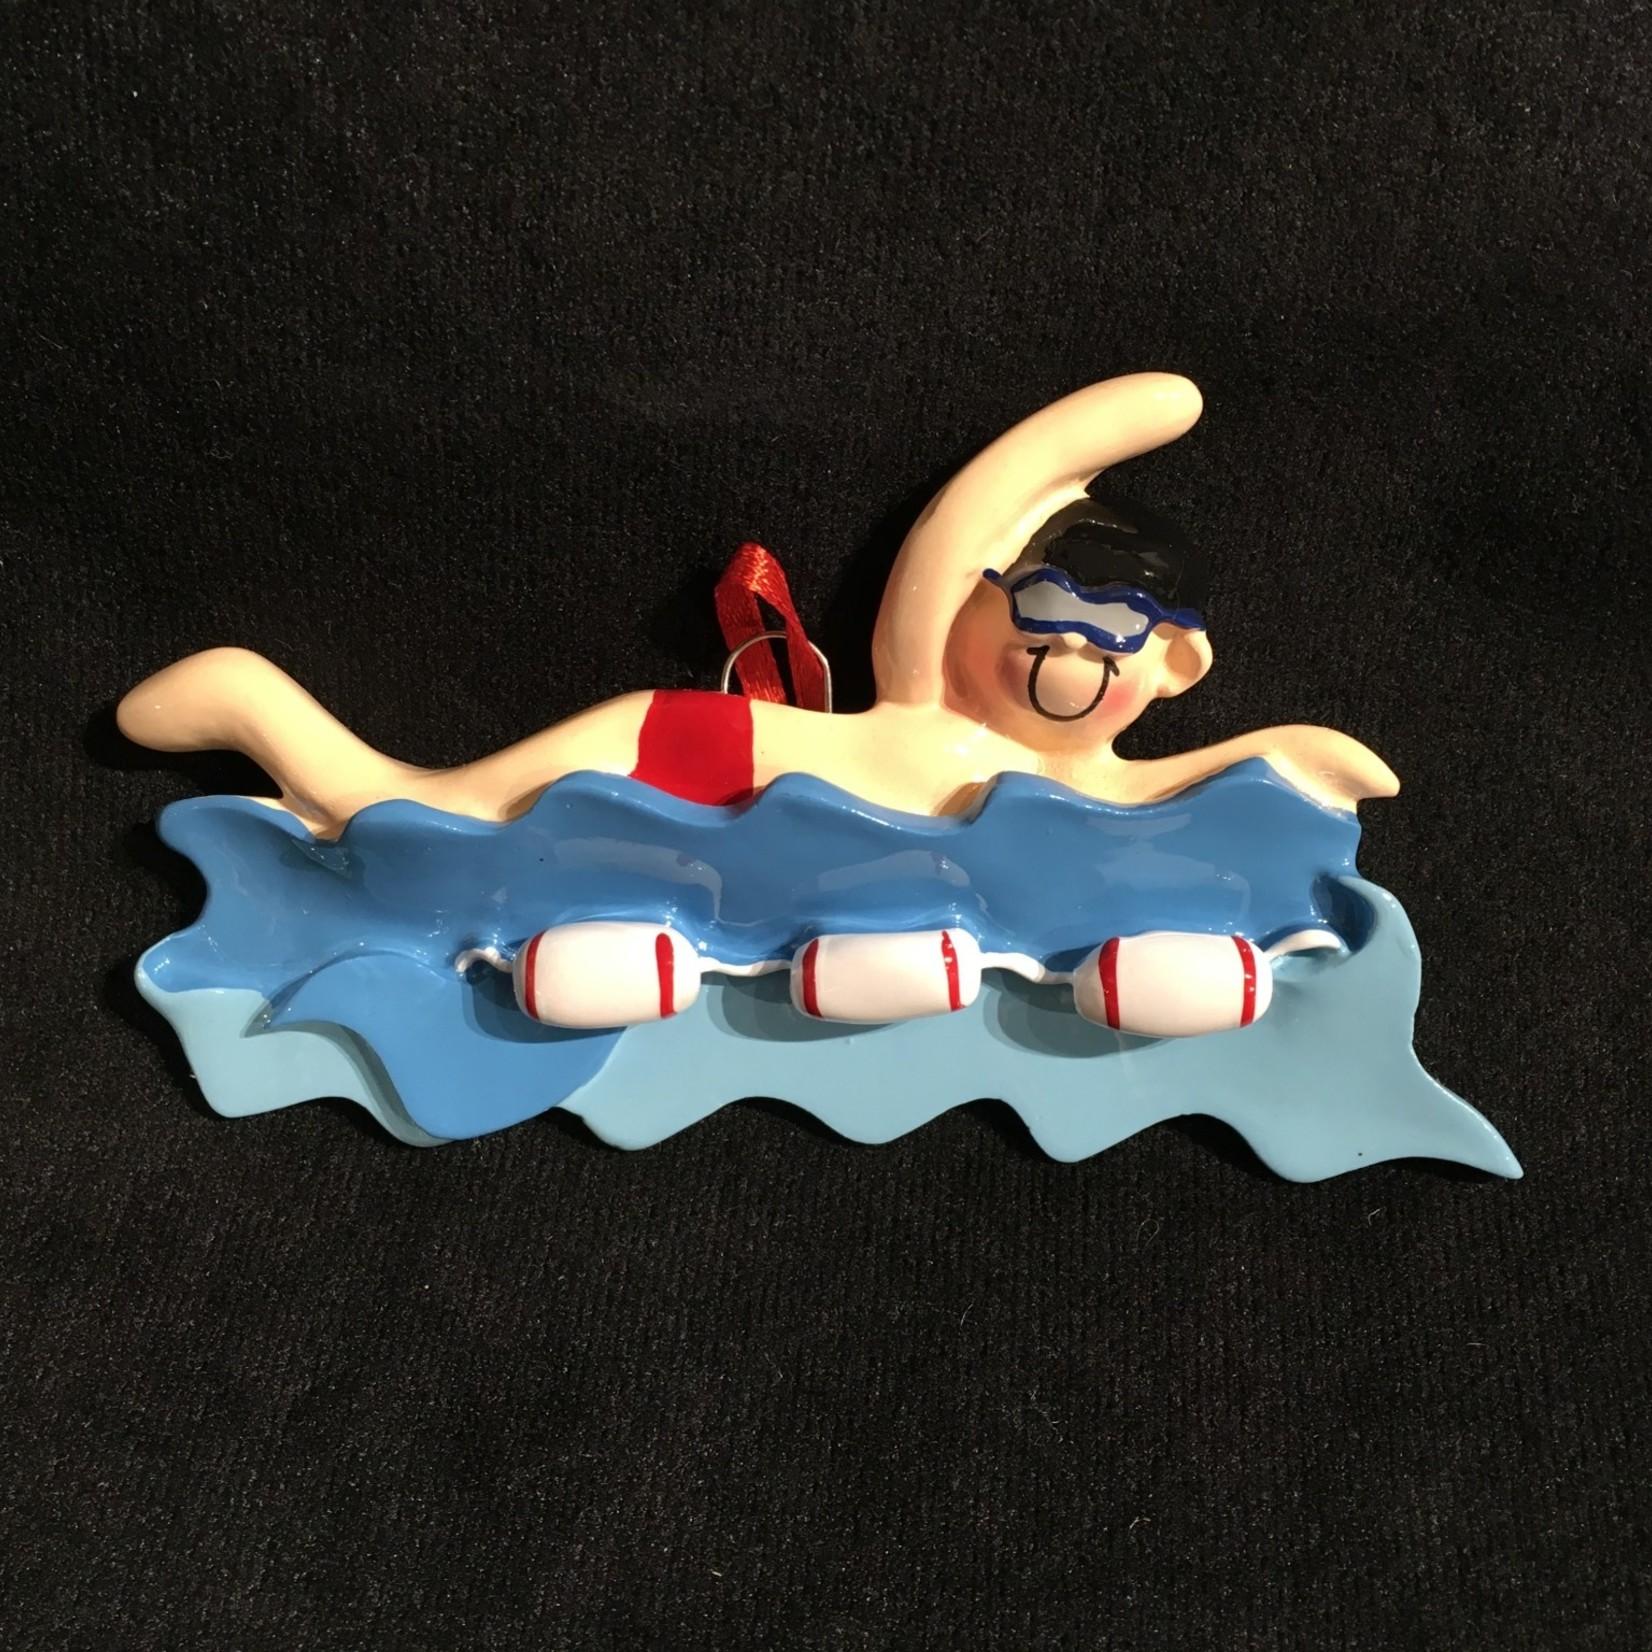 Swimmer Boy in Water Orn